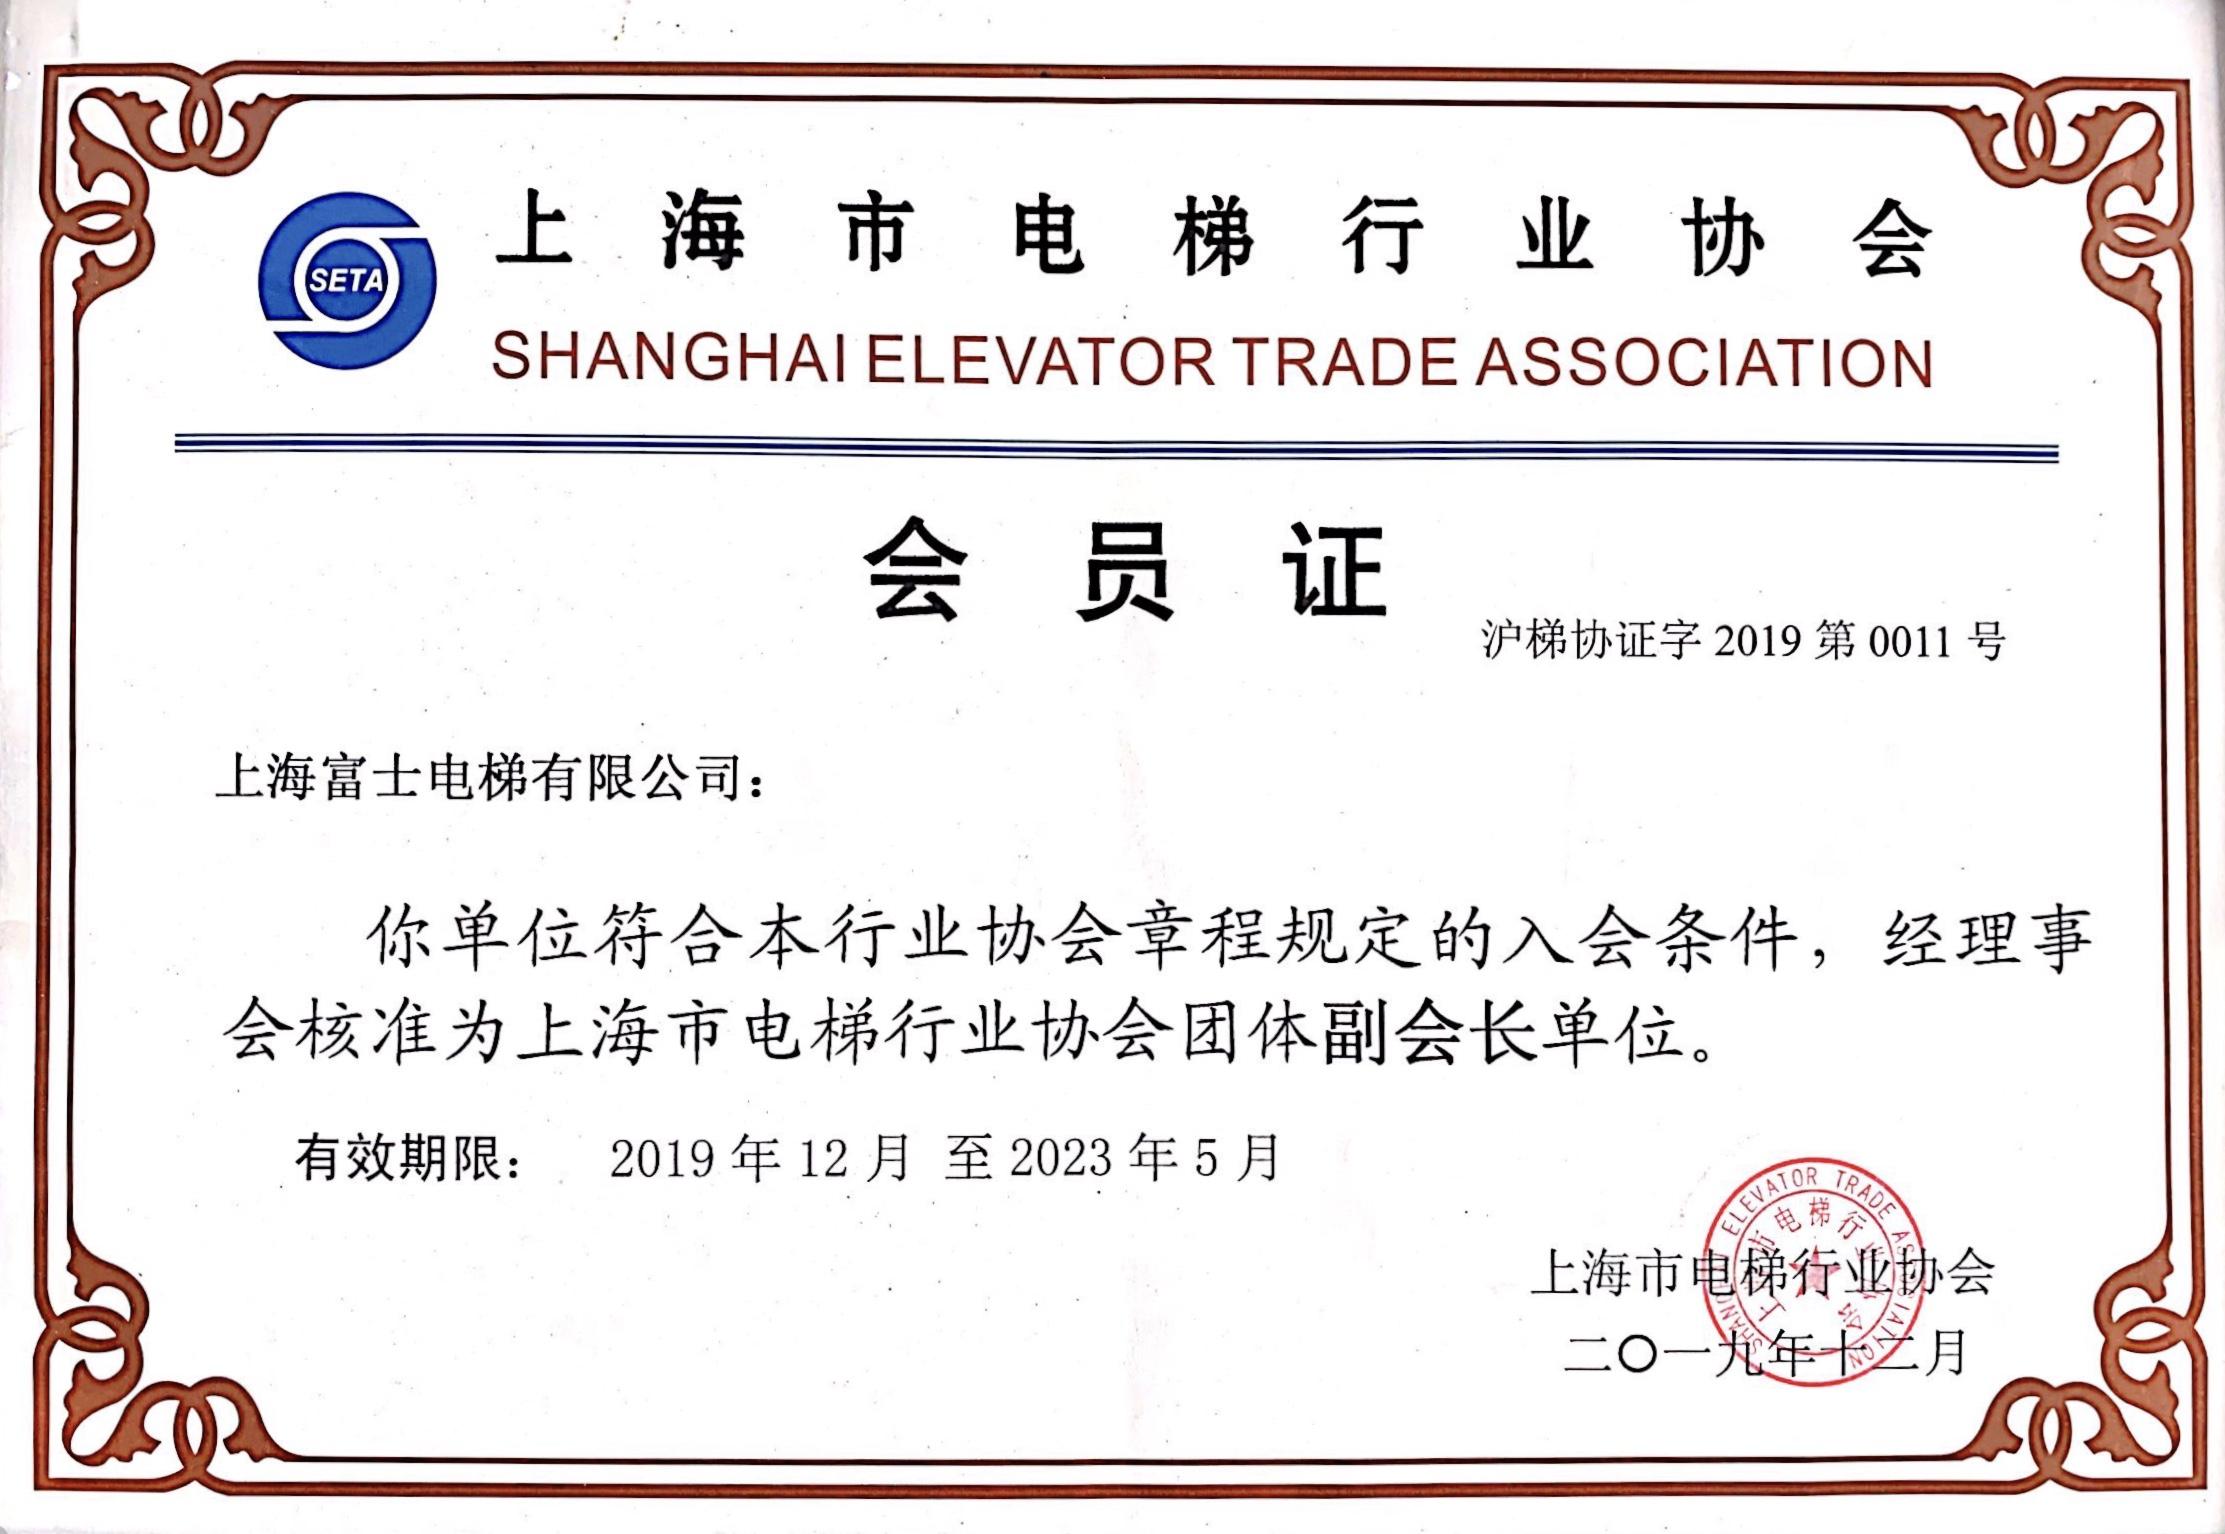 上海市电梯行业协会副会长单位证书